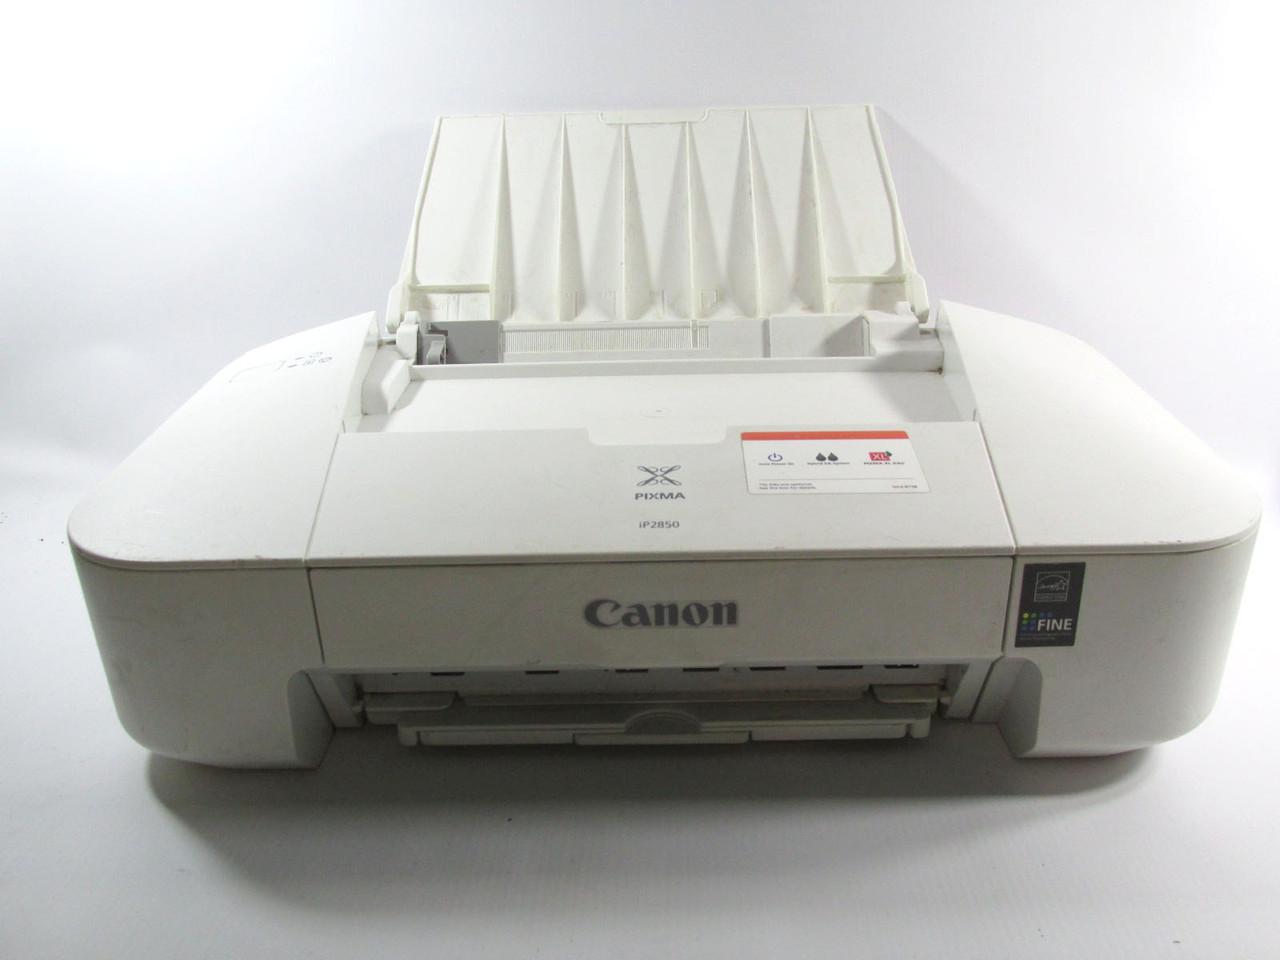 Принтер Canon IP2850, Ремонт, восстановление, С Европы!